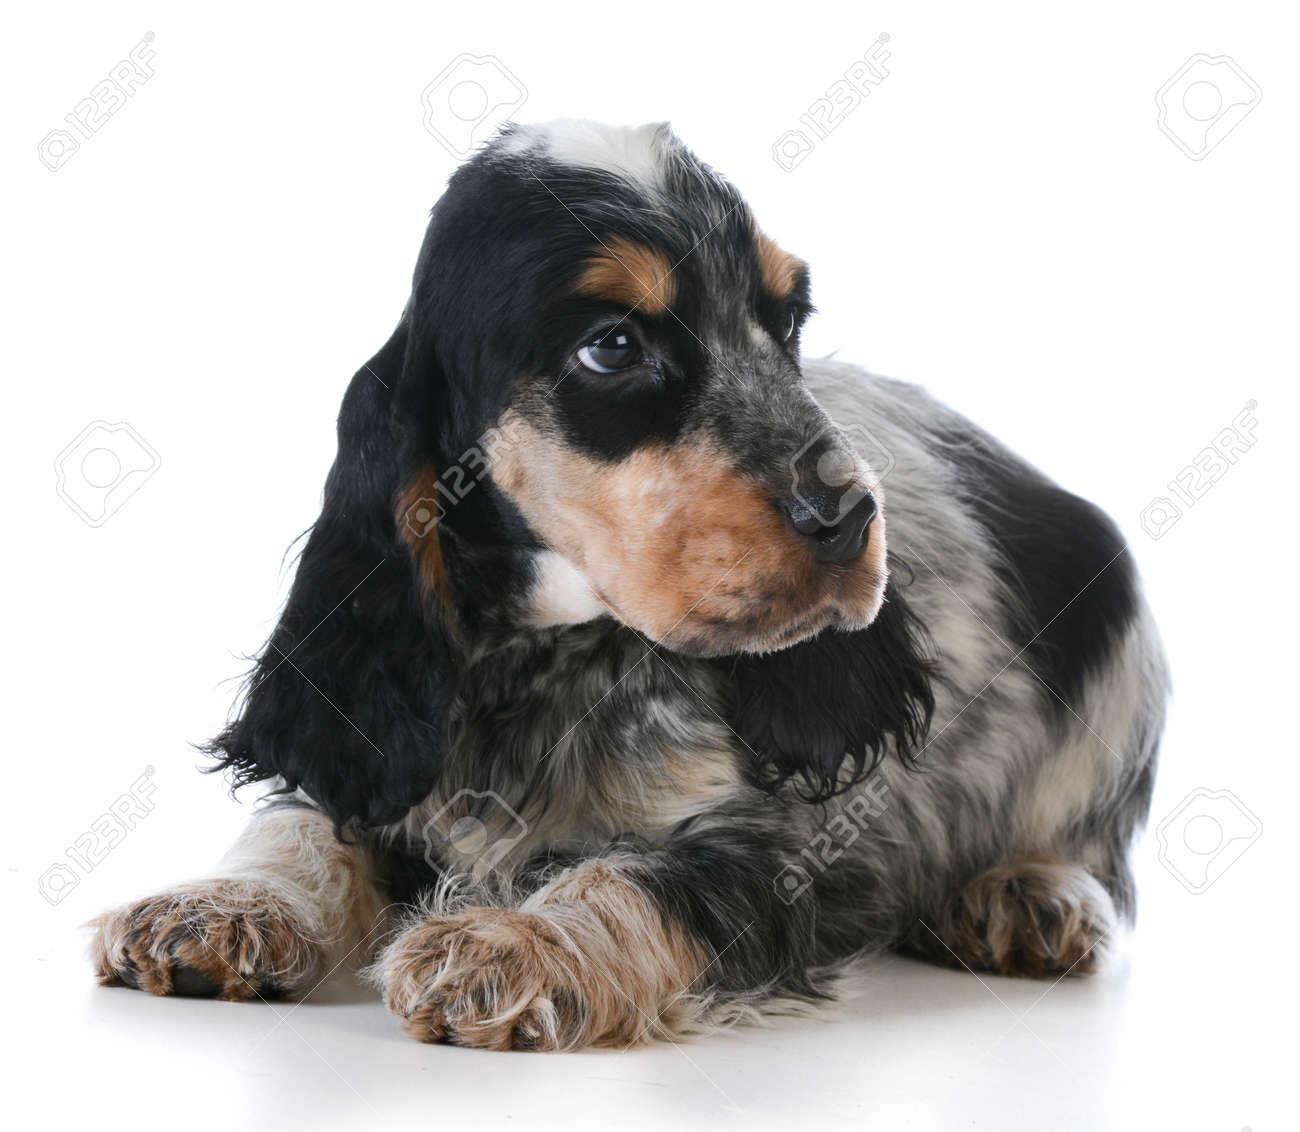 Lindo Cachorro Ingles Cocker Spaniel Cachorro Que Se Establecen En El Fondo Blanco Fotos Retratos Imagenes Y Fotografia De Archivo Libres De Derecho Image 35220879